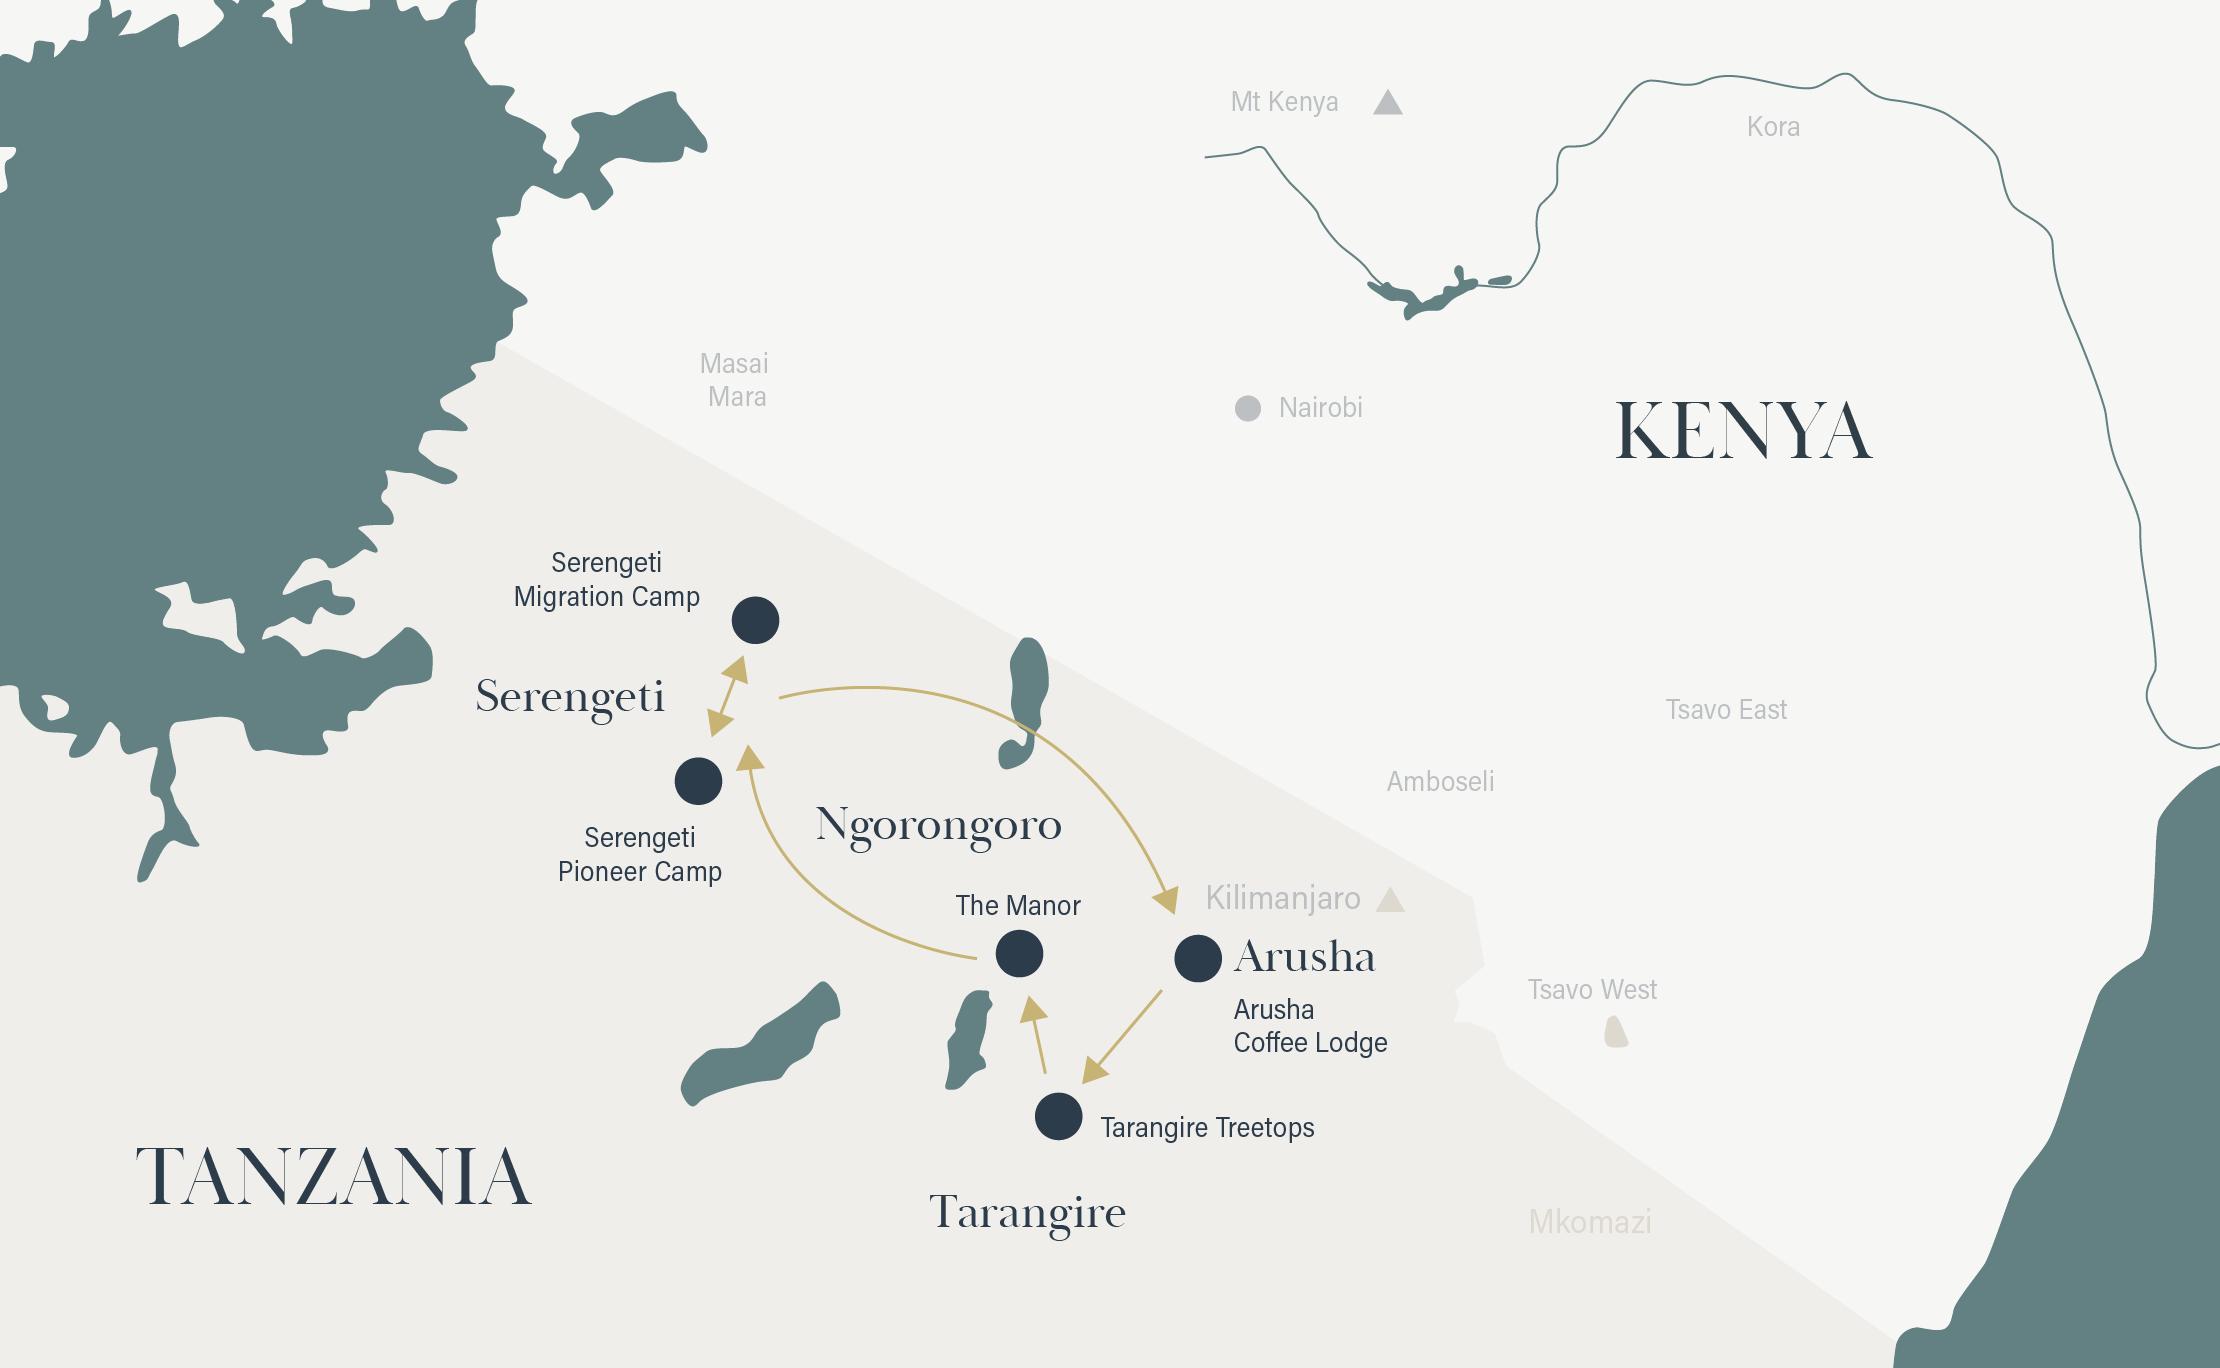 Tanzania Route map